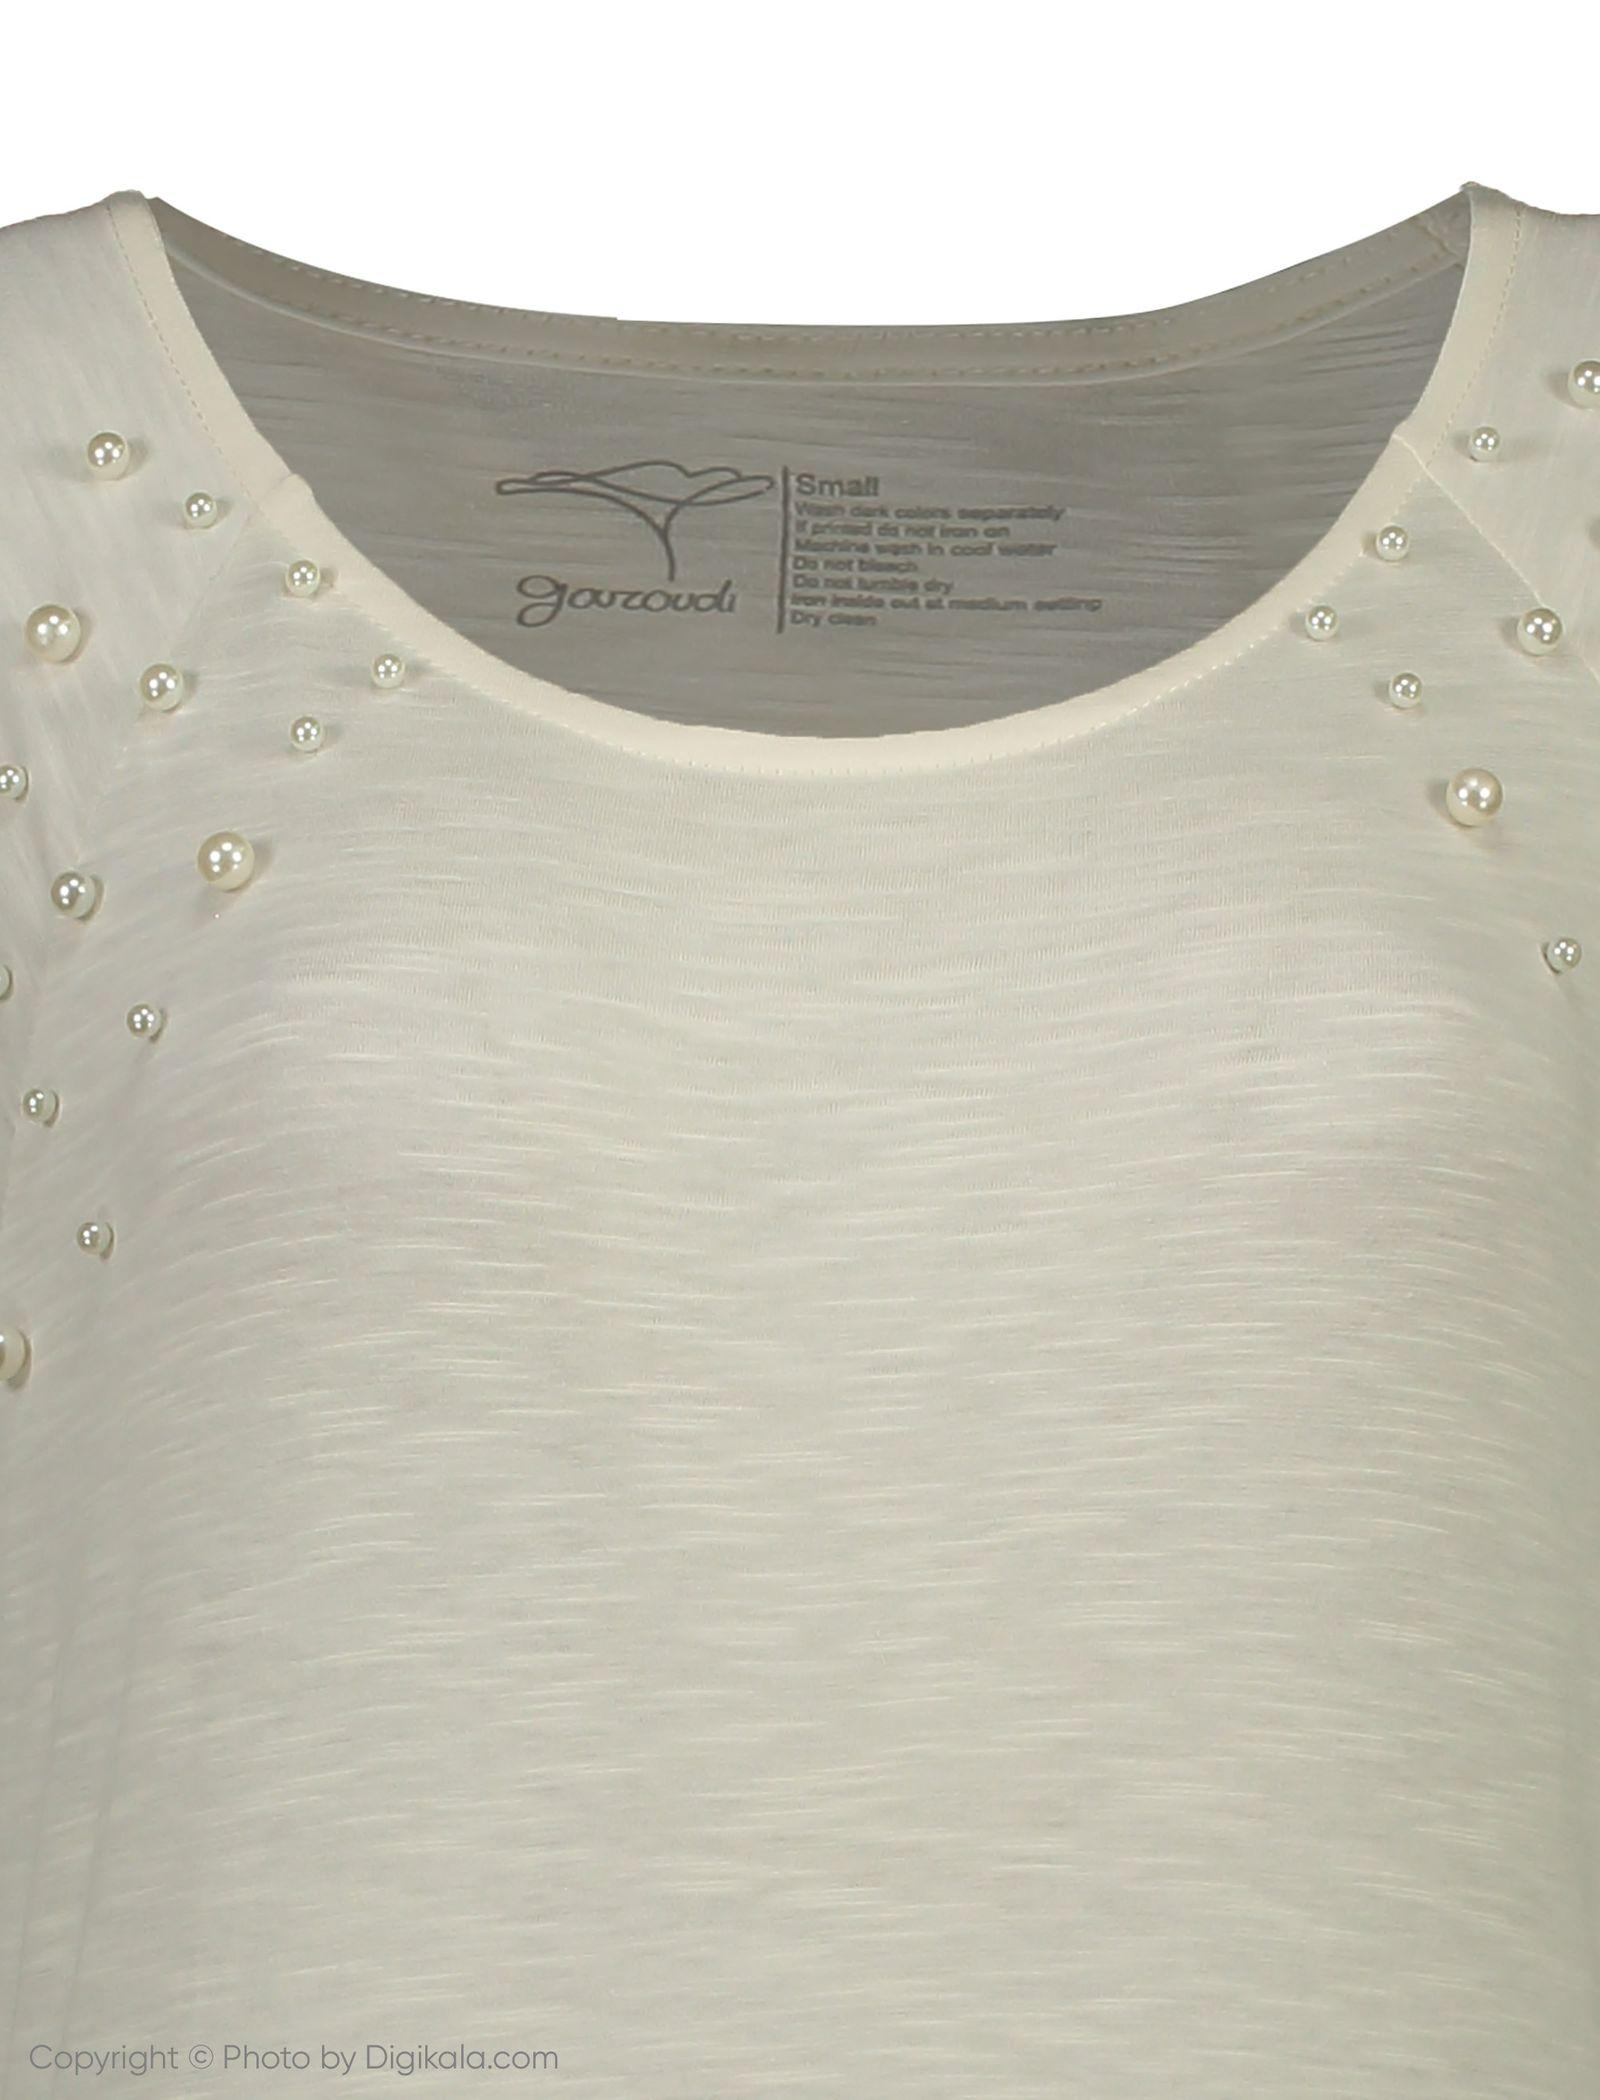 تی شرت زنانه گارودی مدل 1003104023-91 -  - 2